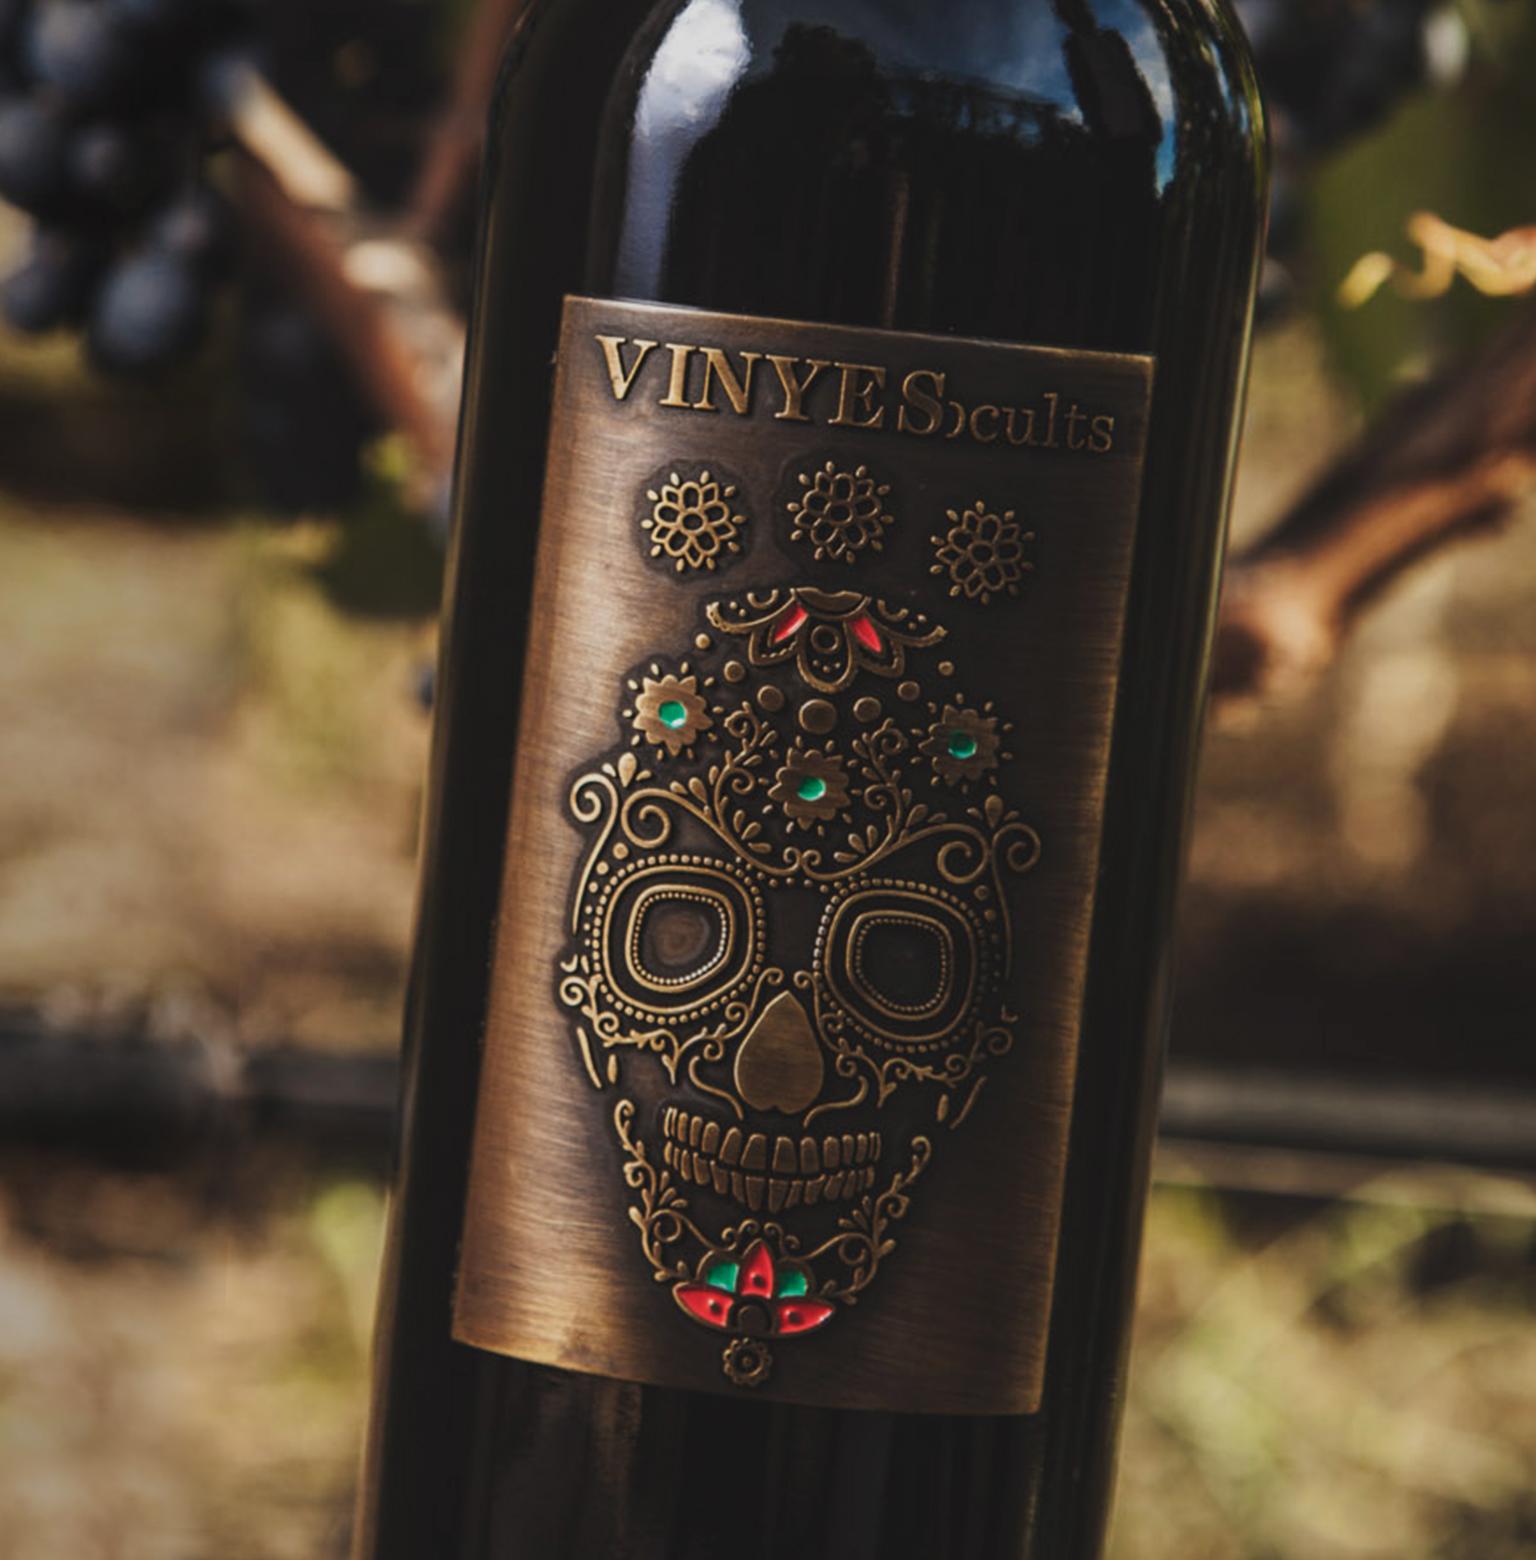 VinyesOcults-ICONO-Caliptra